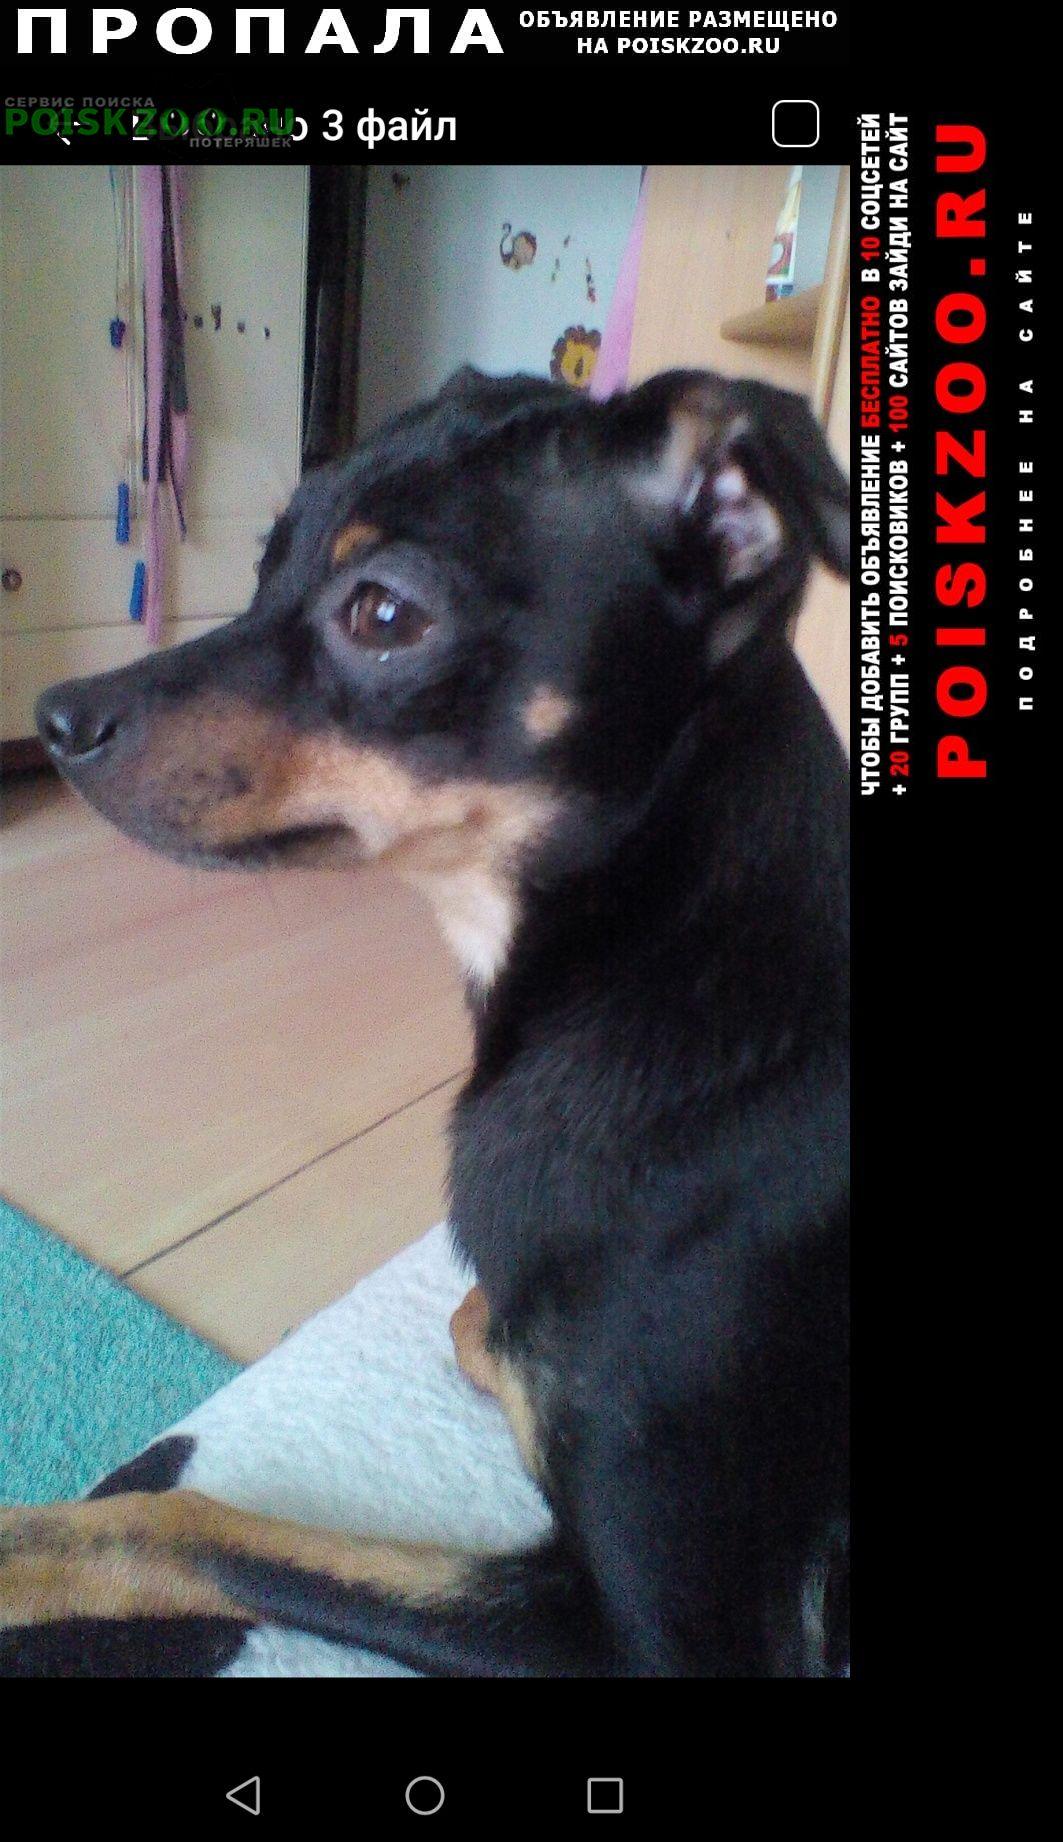 Пропала собака кобель пожалуйста верните моего мальчика Муром